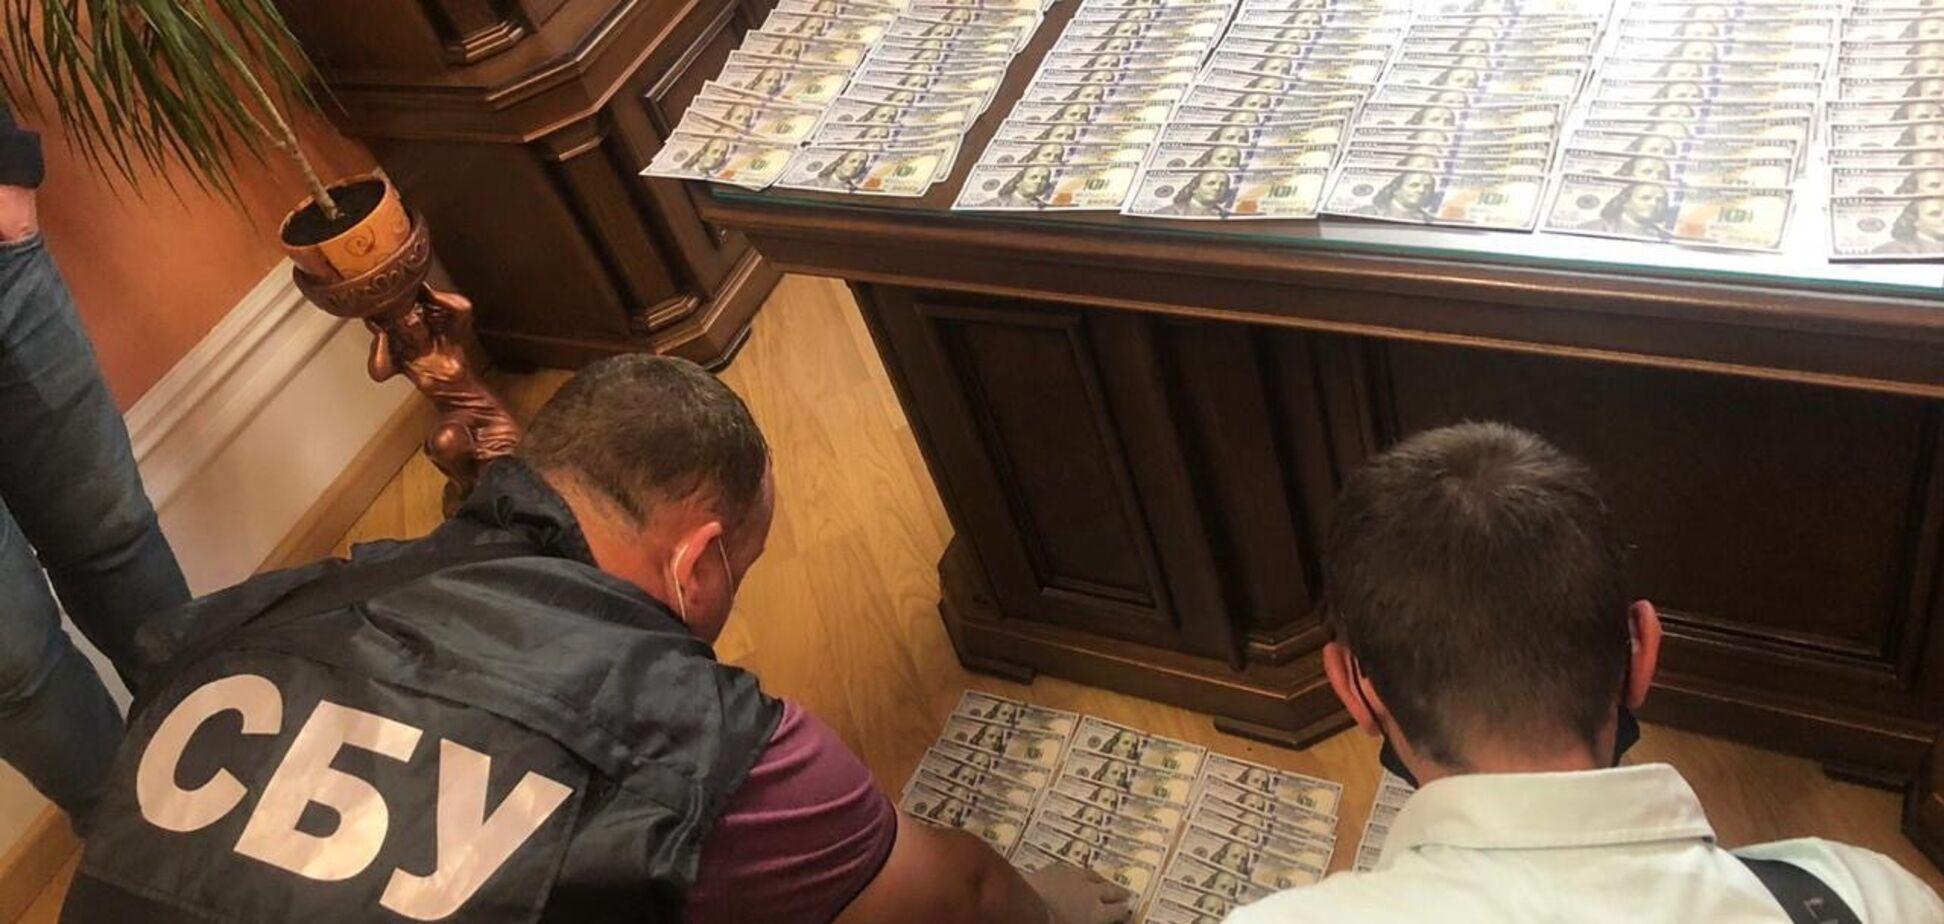 На Львівщині викрили депутата, який розпродавав землю Міноборони